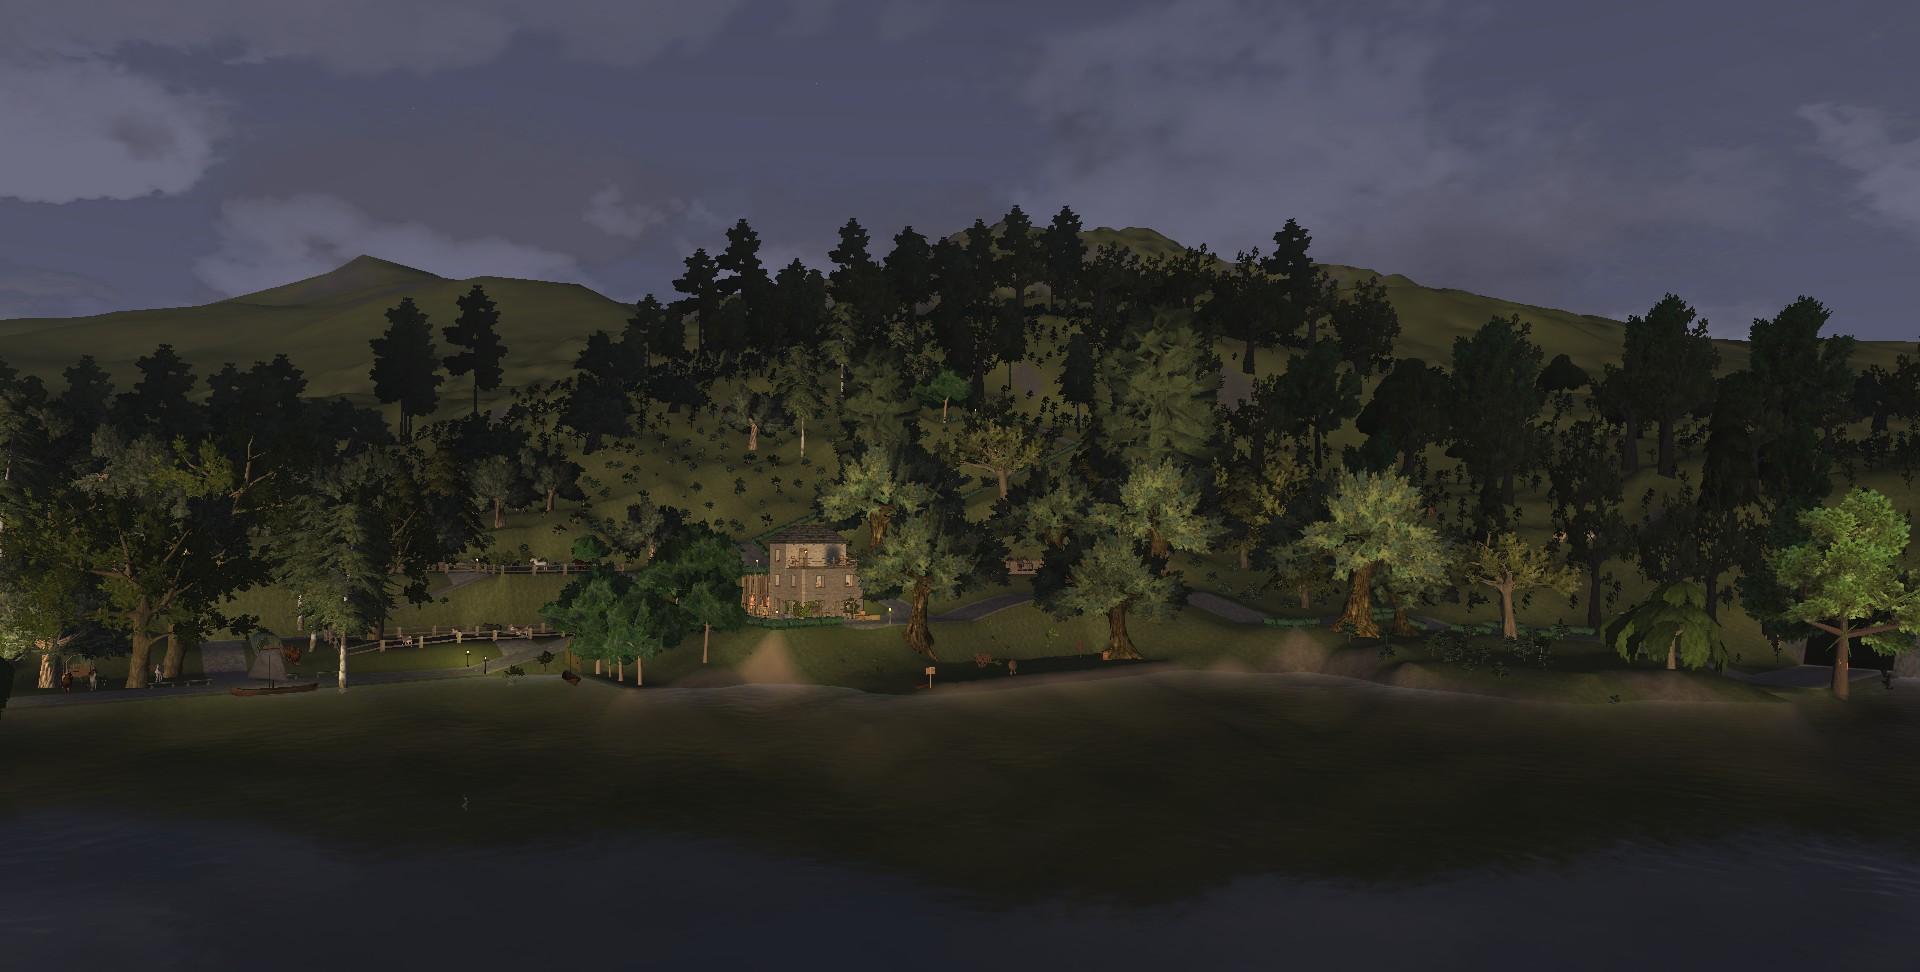 Vagabonds Rest - Liberty